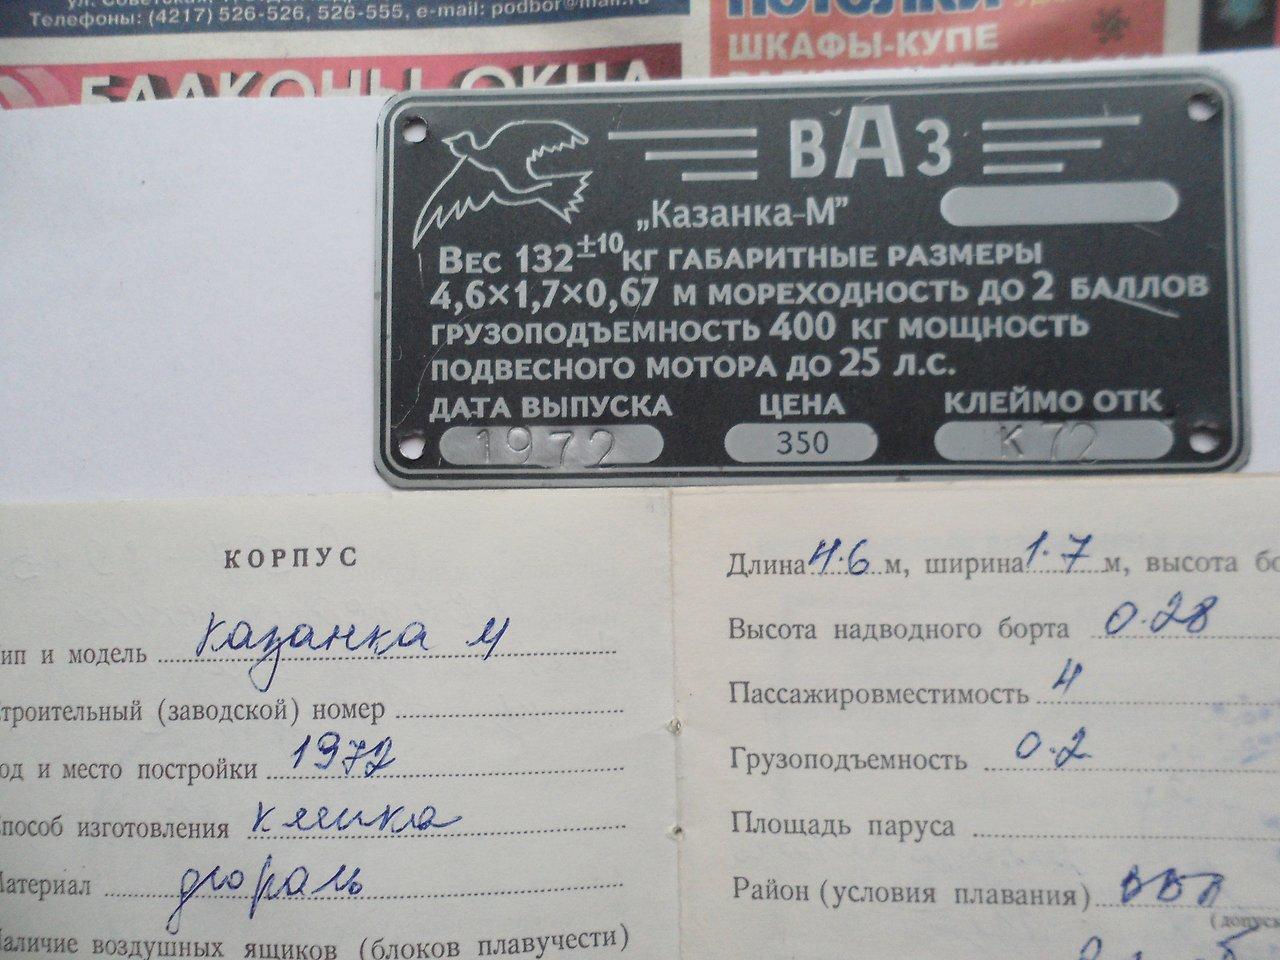 табличка от лодки Казанка-М